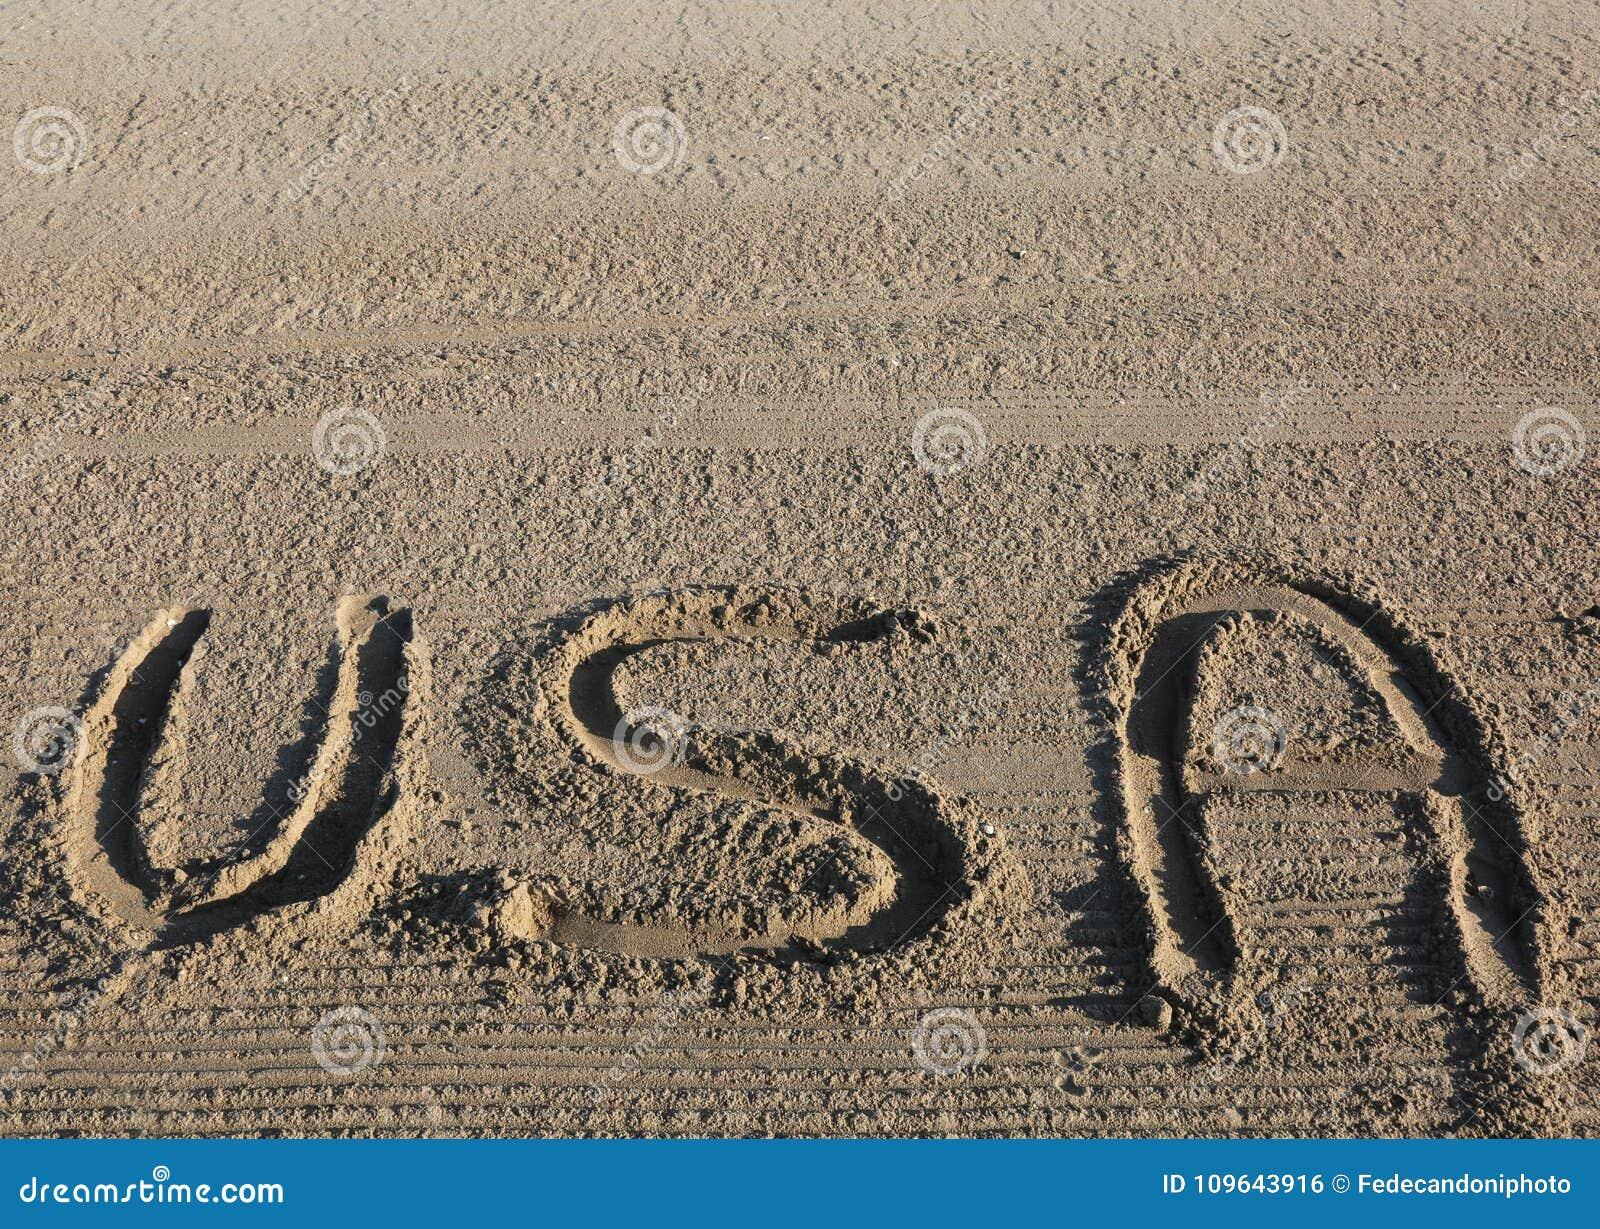 Wielki teksta usa Stany Zjednoczone Ameryka na piasku plaża